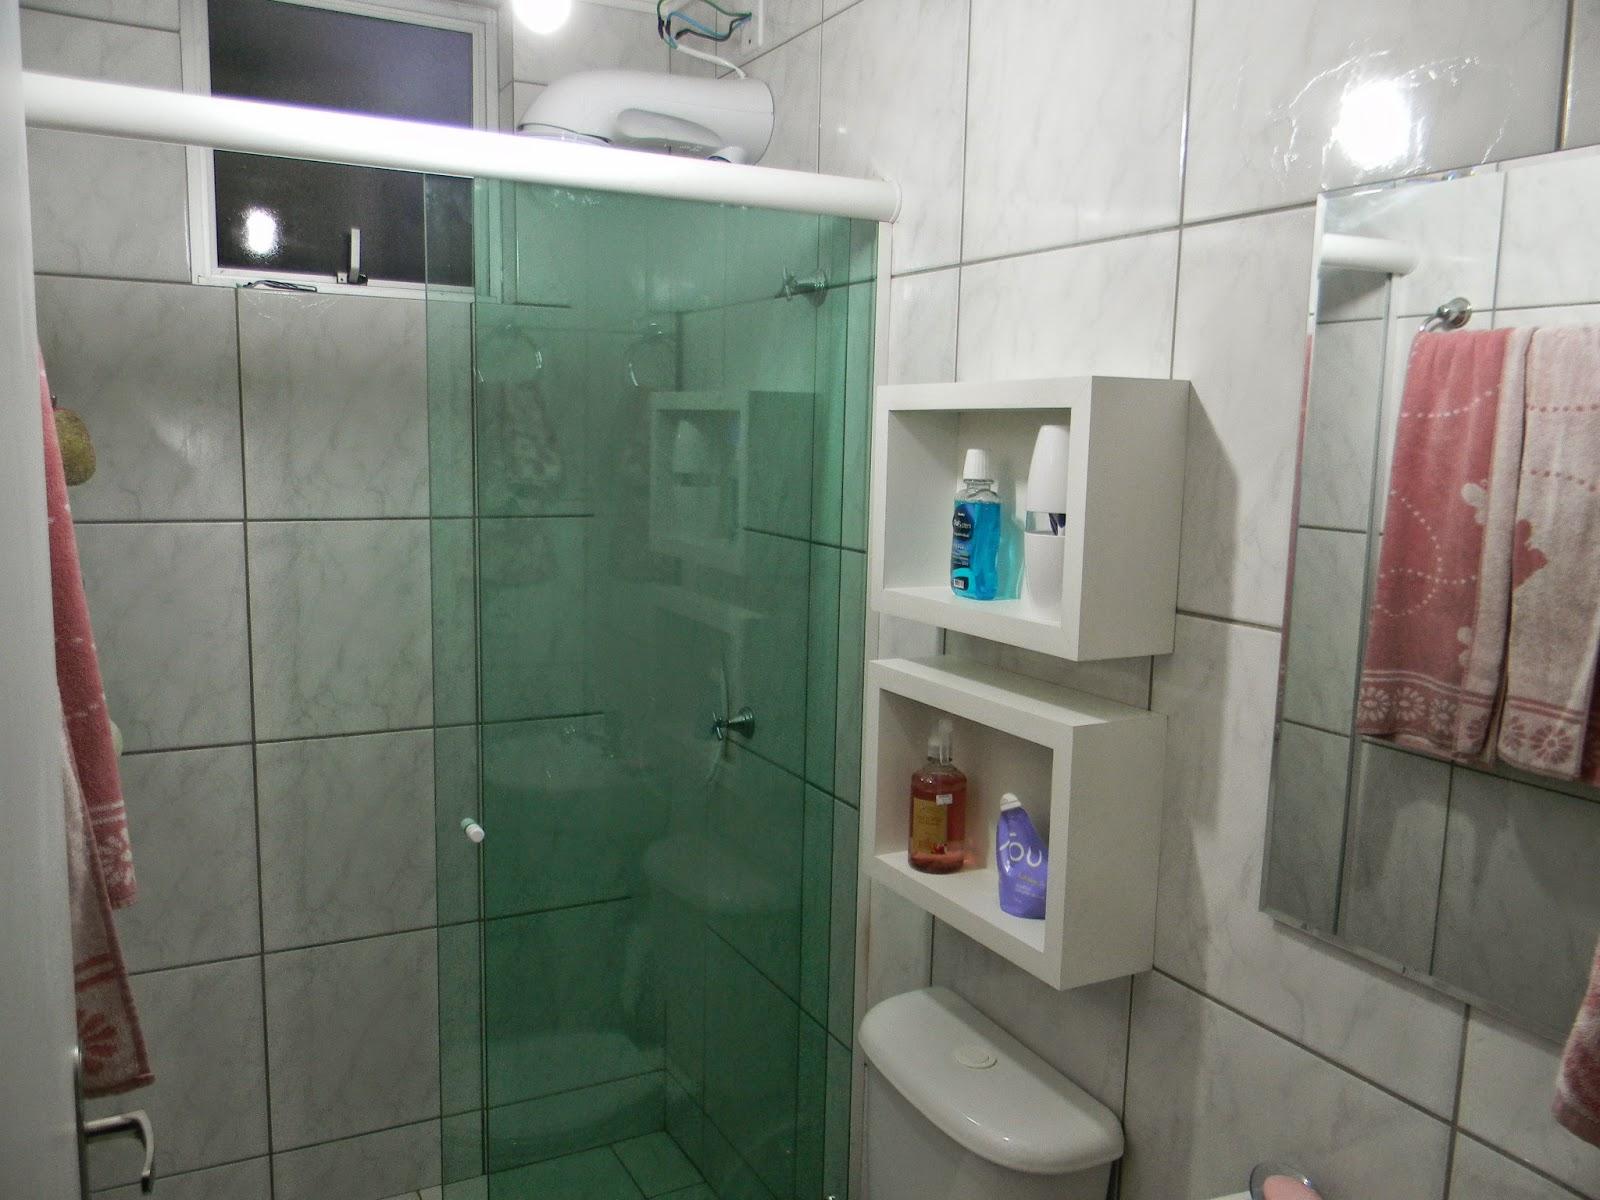 de R$ 100 00 e o espelho compramos na Leroy Merlim por R$ 99 00 #694841 1600x1200 Azulejo Banheiro Leroy